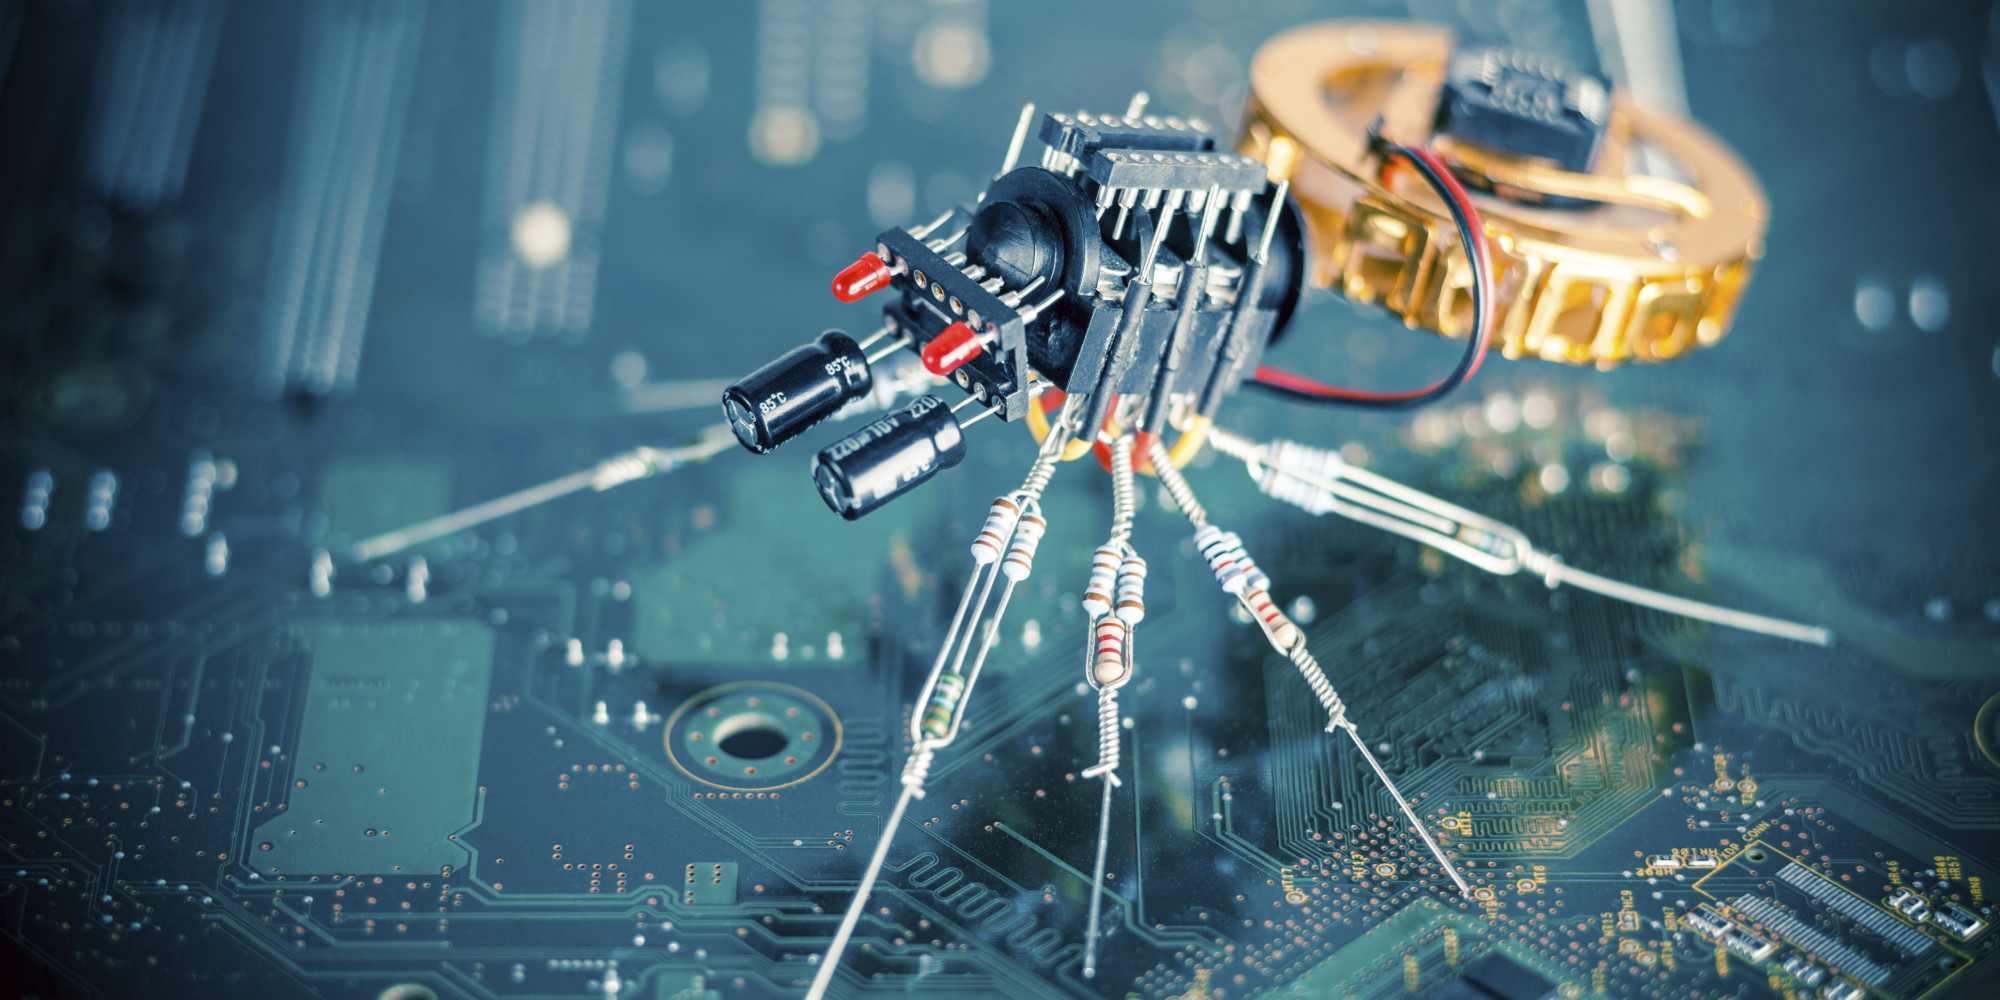 tecnologiaparaummundomelhornanotecnologia - De que modo a tecnologia contribui para um mundo melhor?